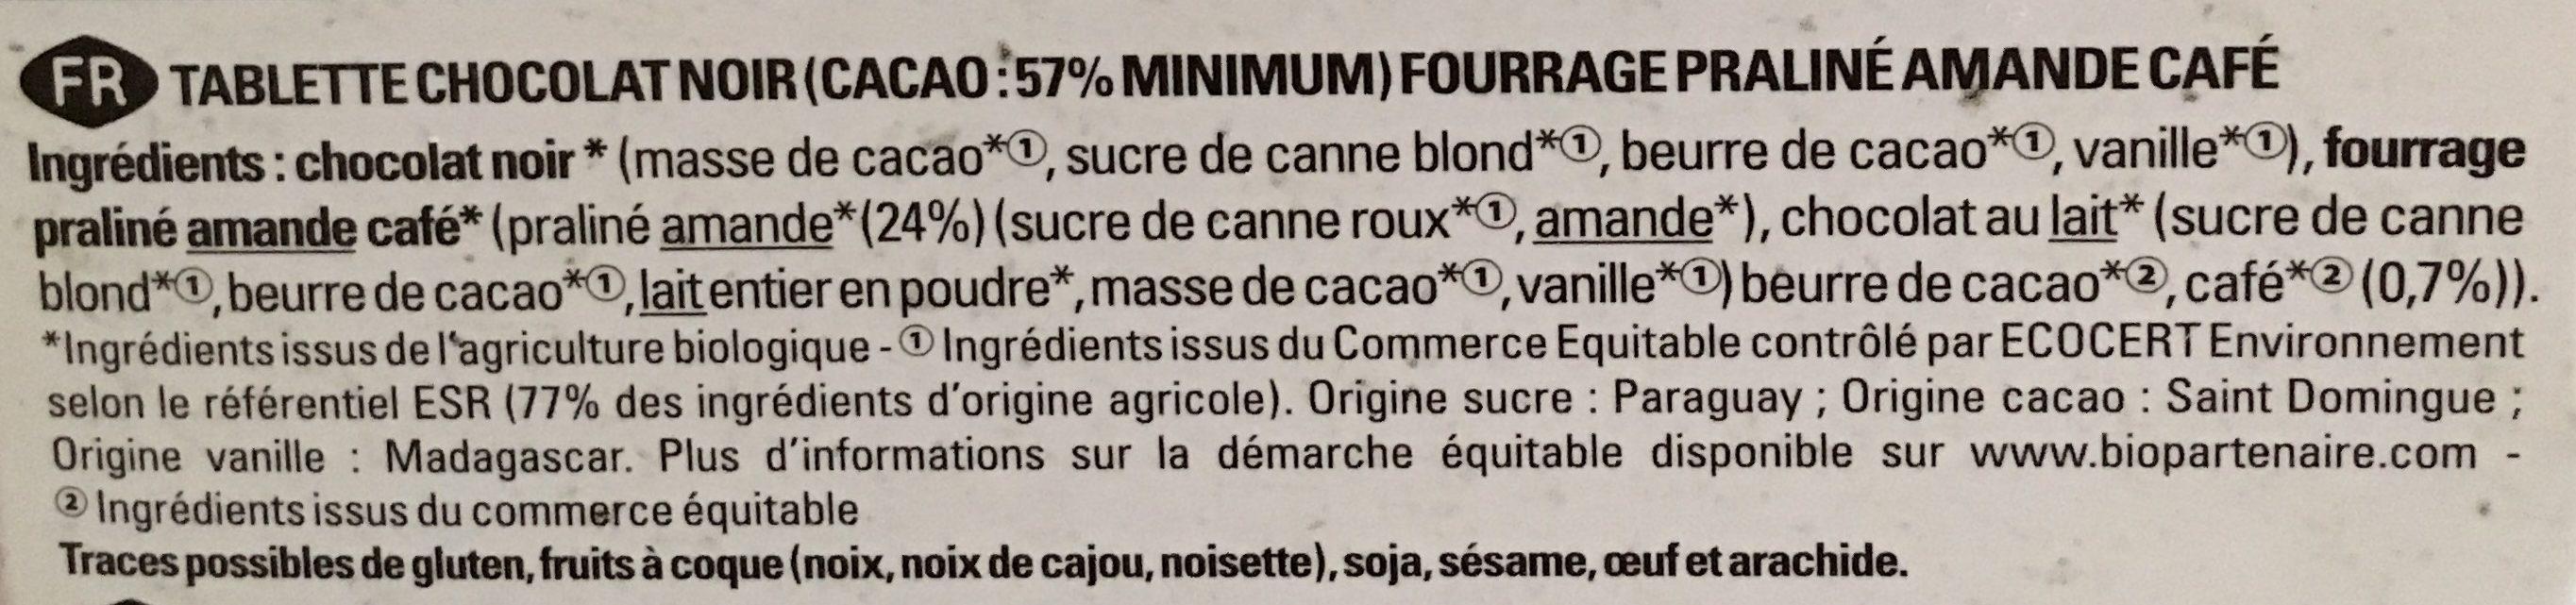 Noir praliné amande café - Ingrediënten - fr